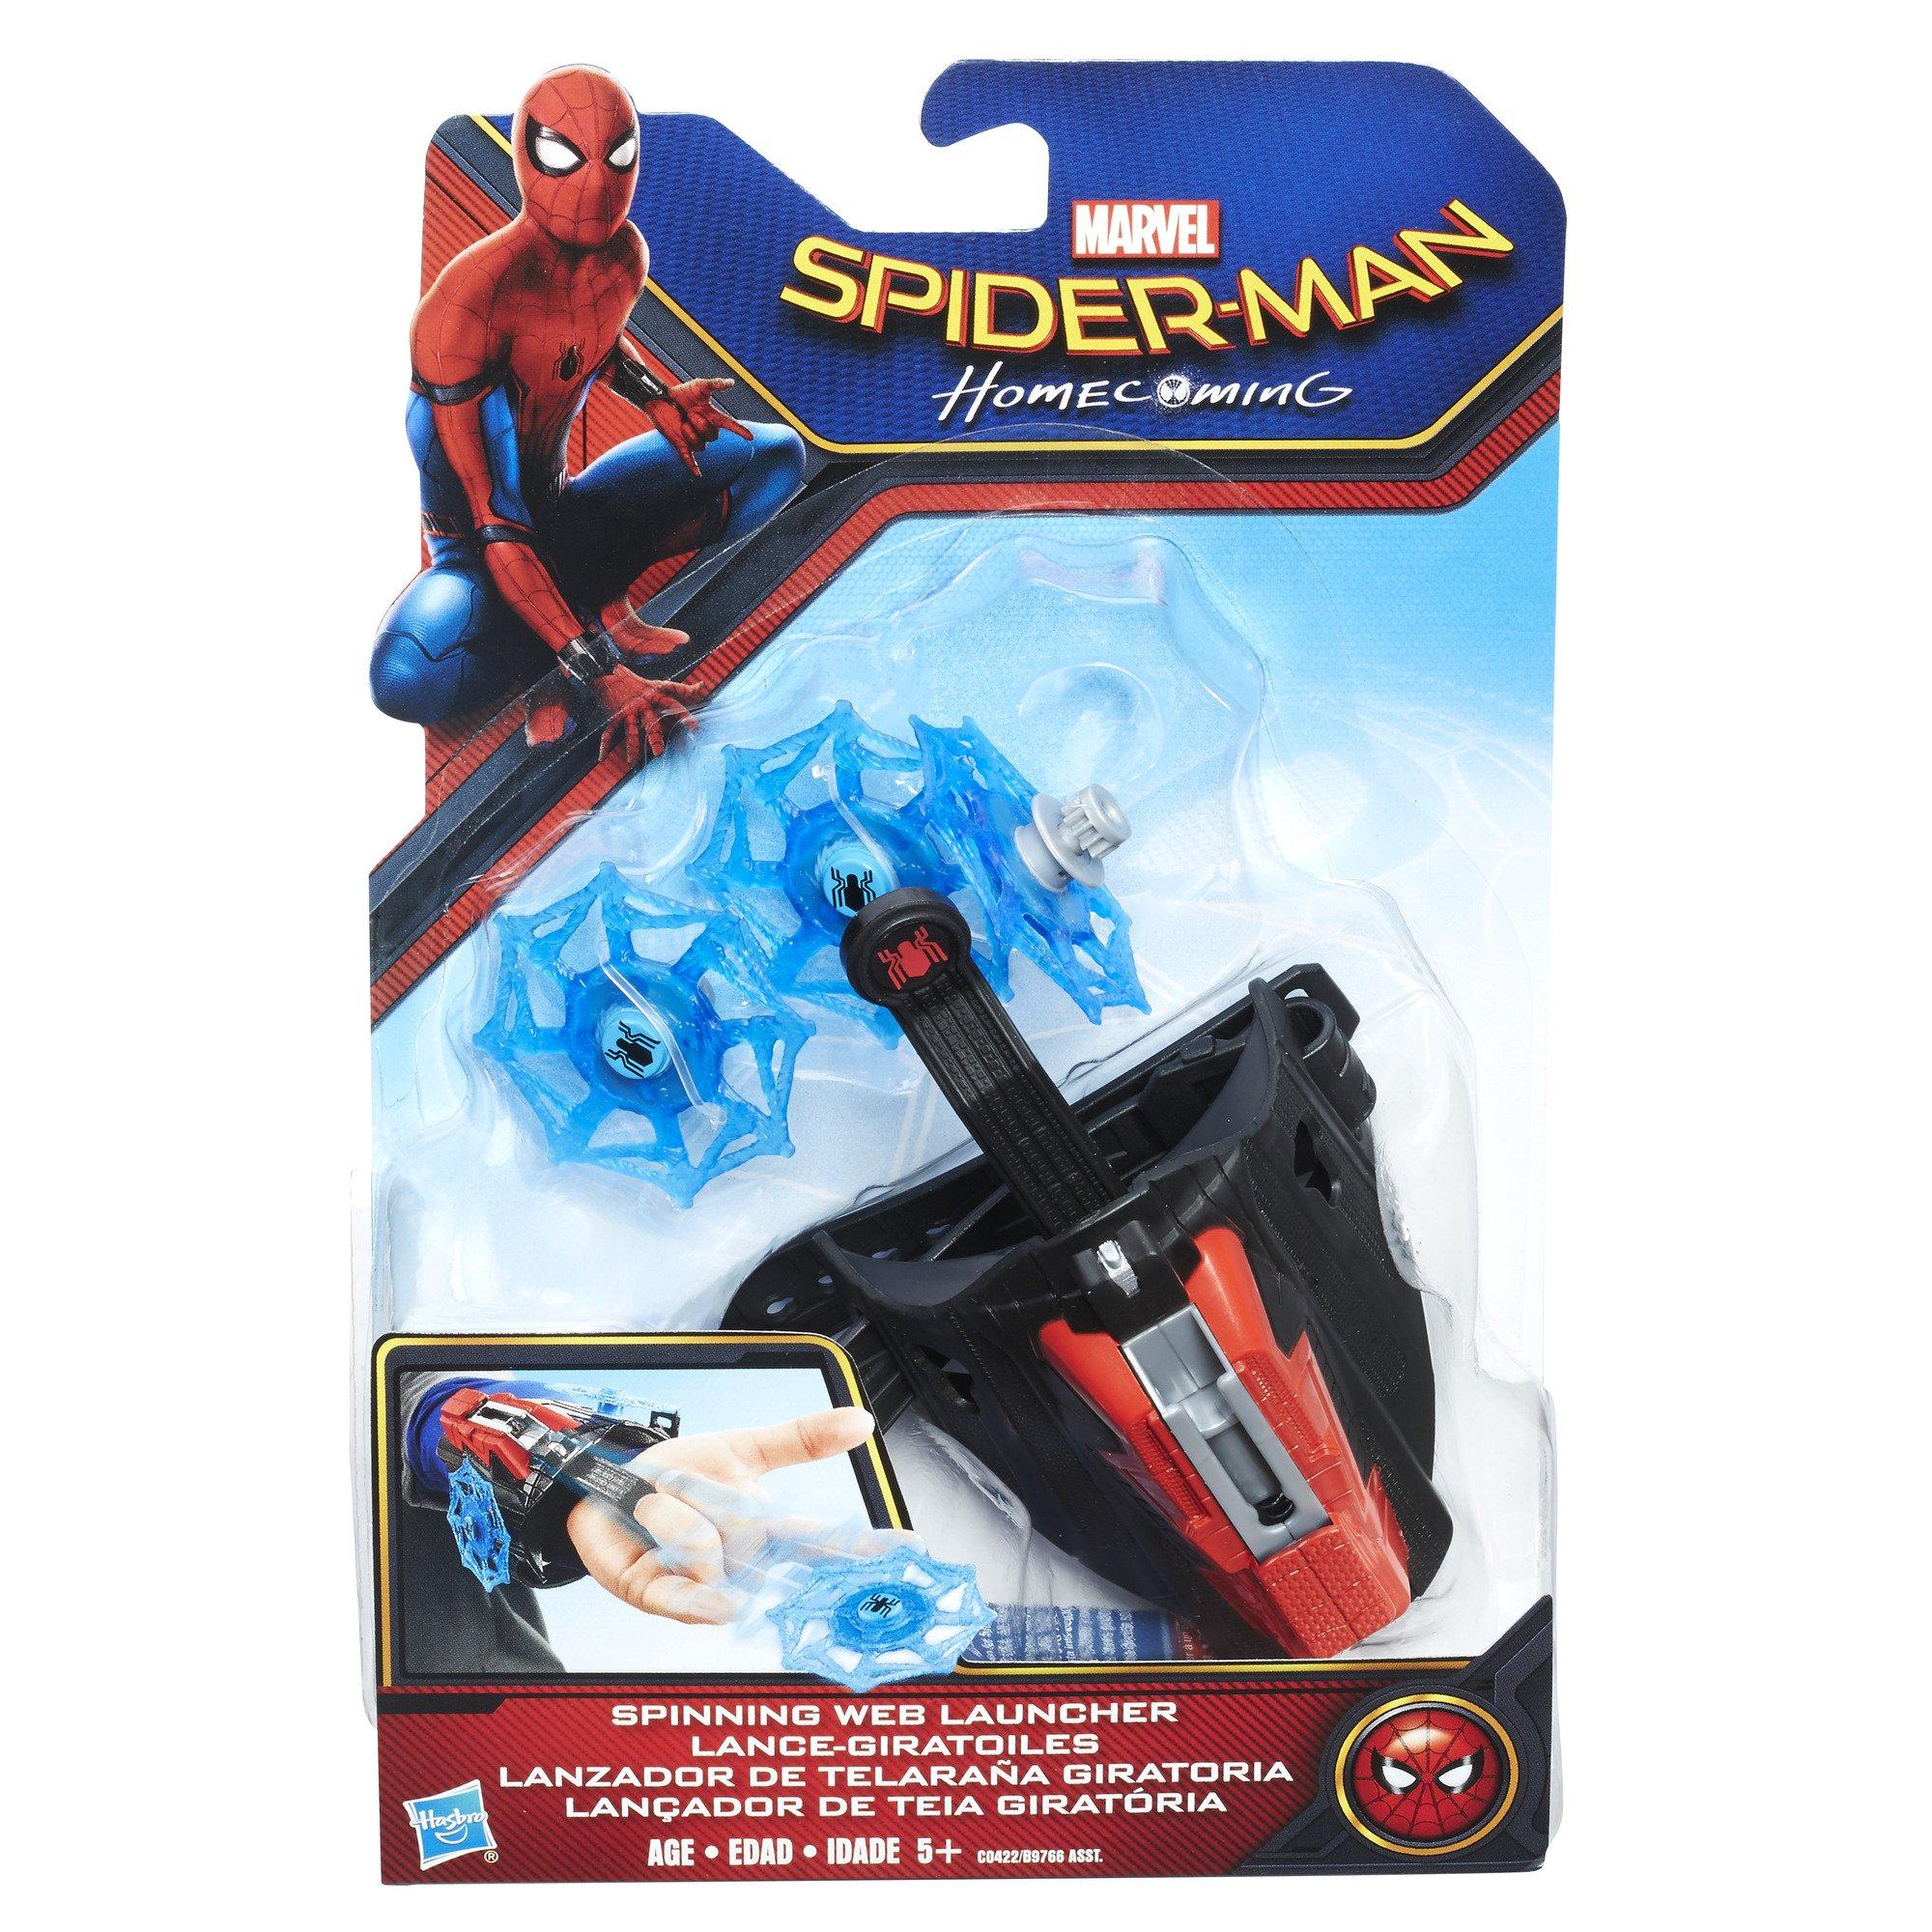 Spider-Man Marvel Web de Spinning Lanzador: Amazon.es: Juguetes y ...